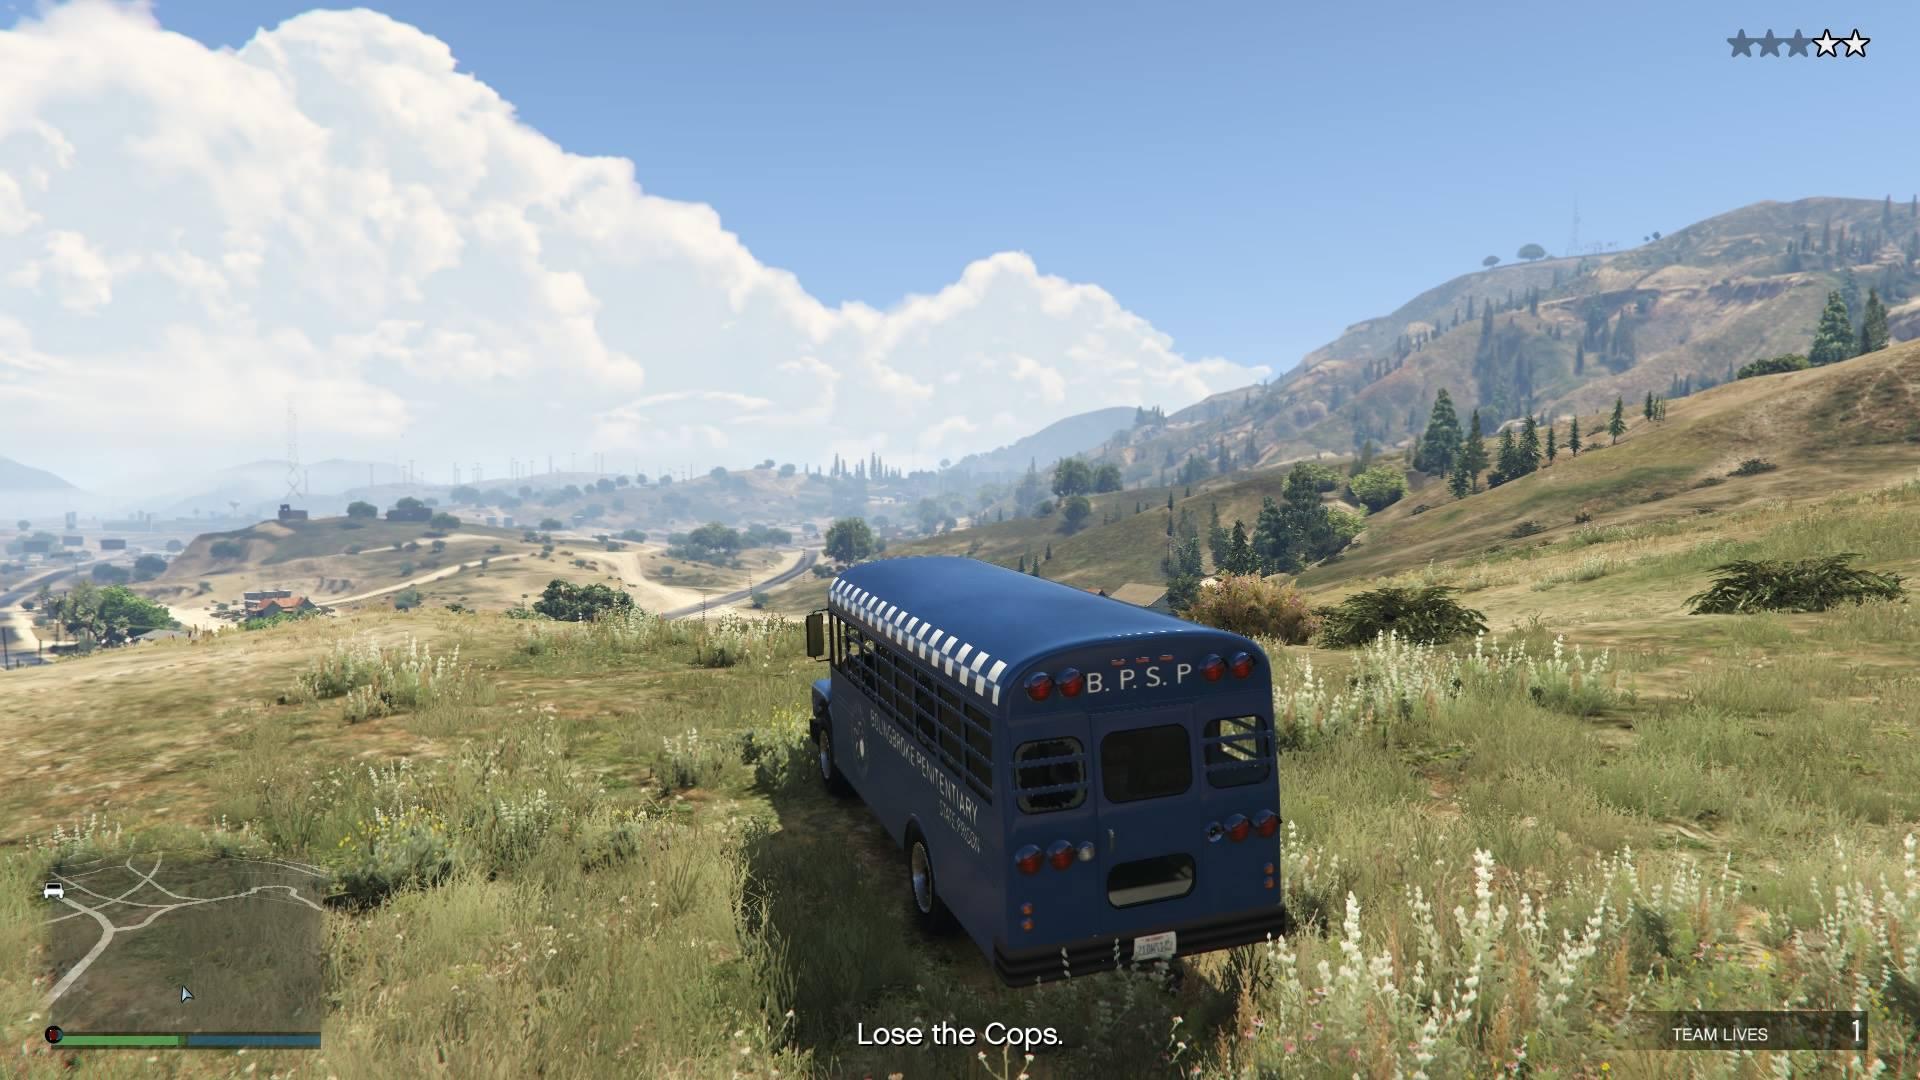 bus_lose_cops